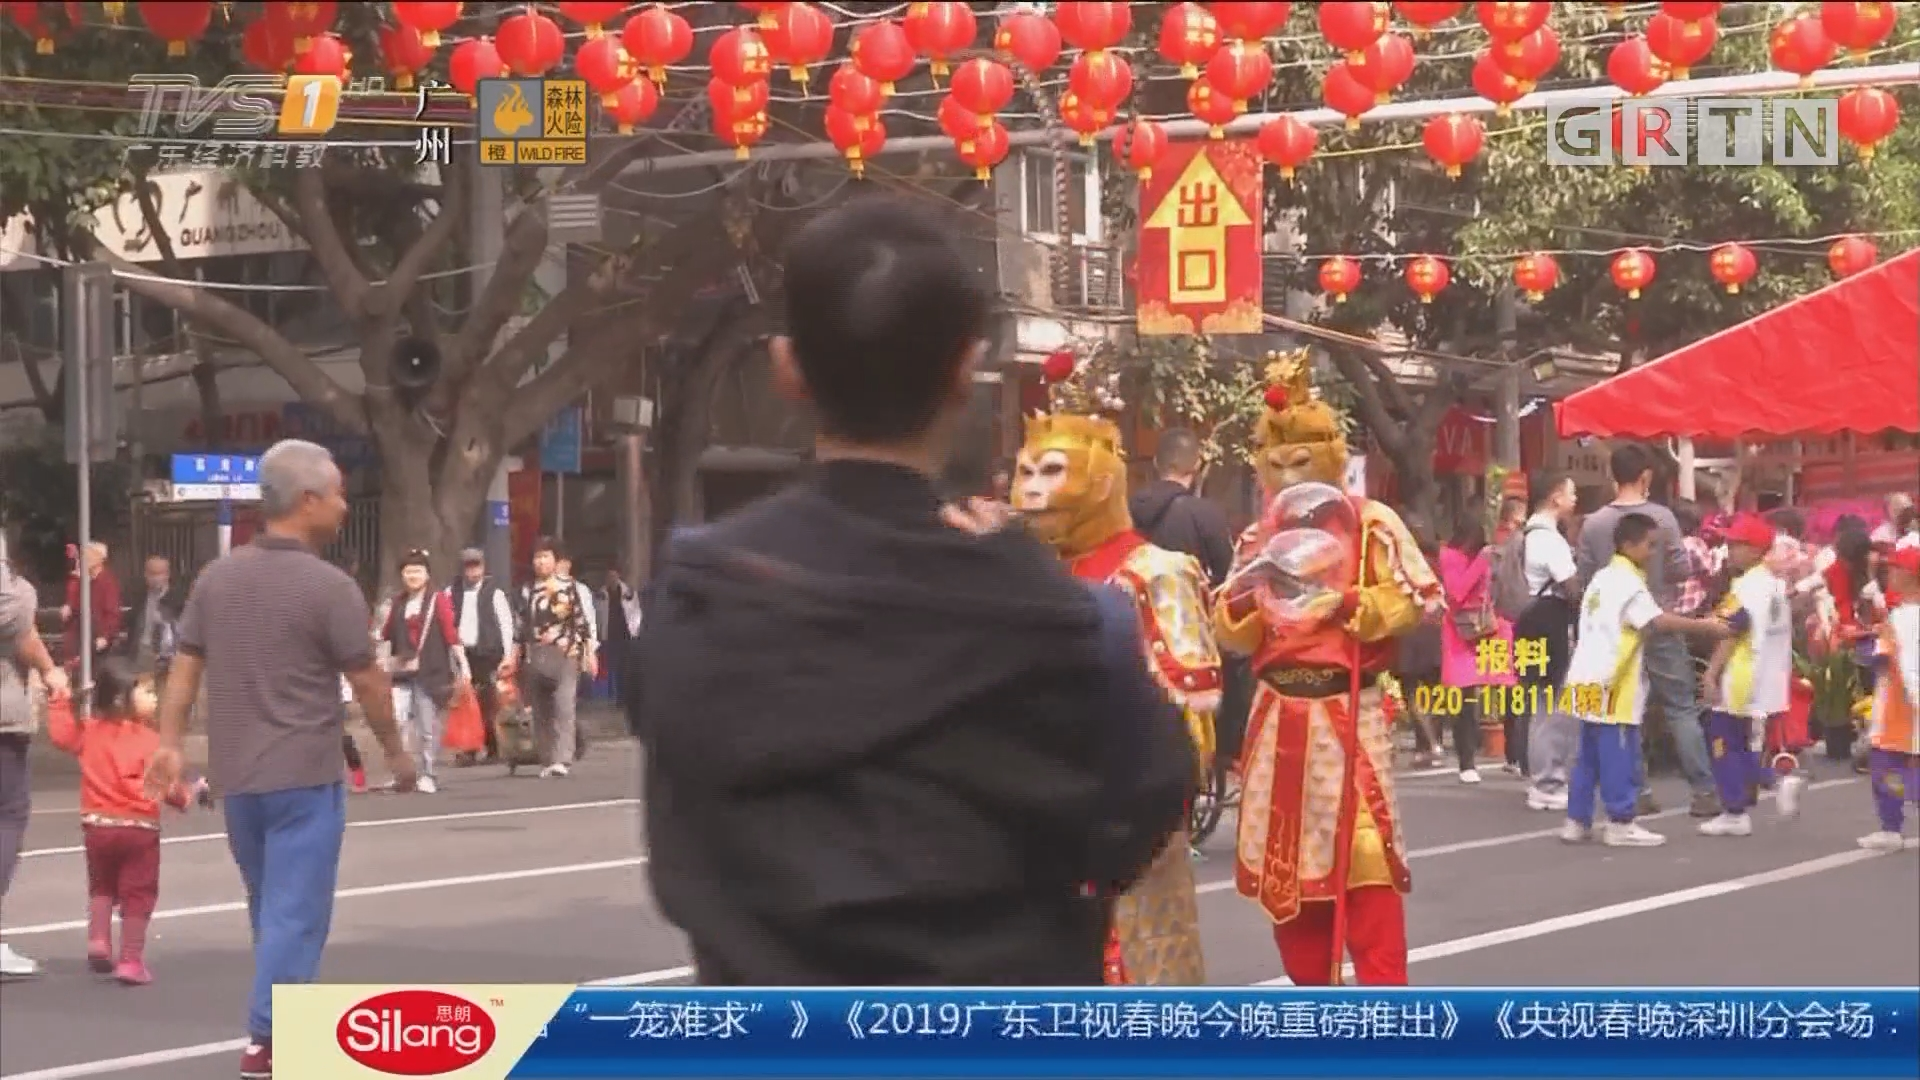 广州:花市中与人偶合影 街坊被强制消费